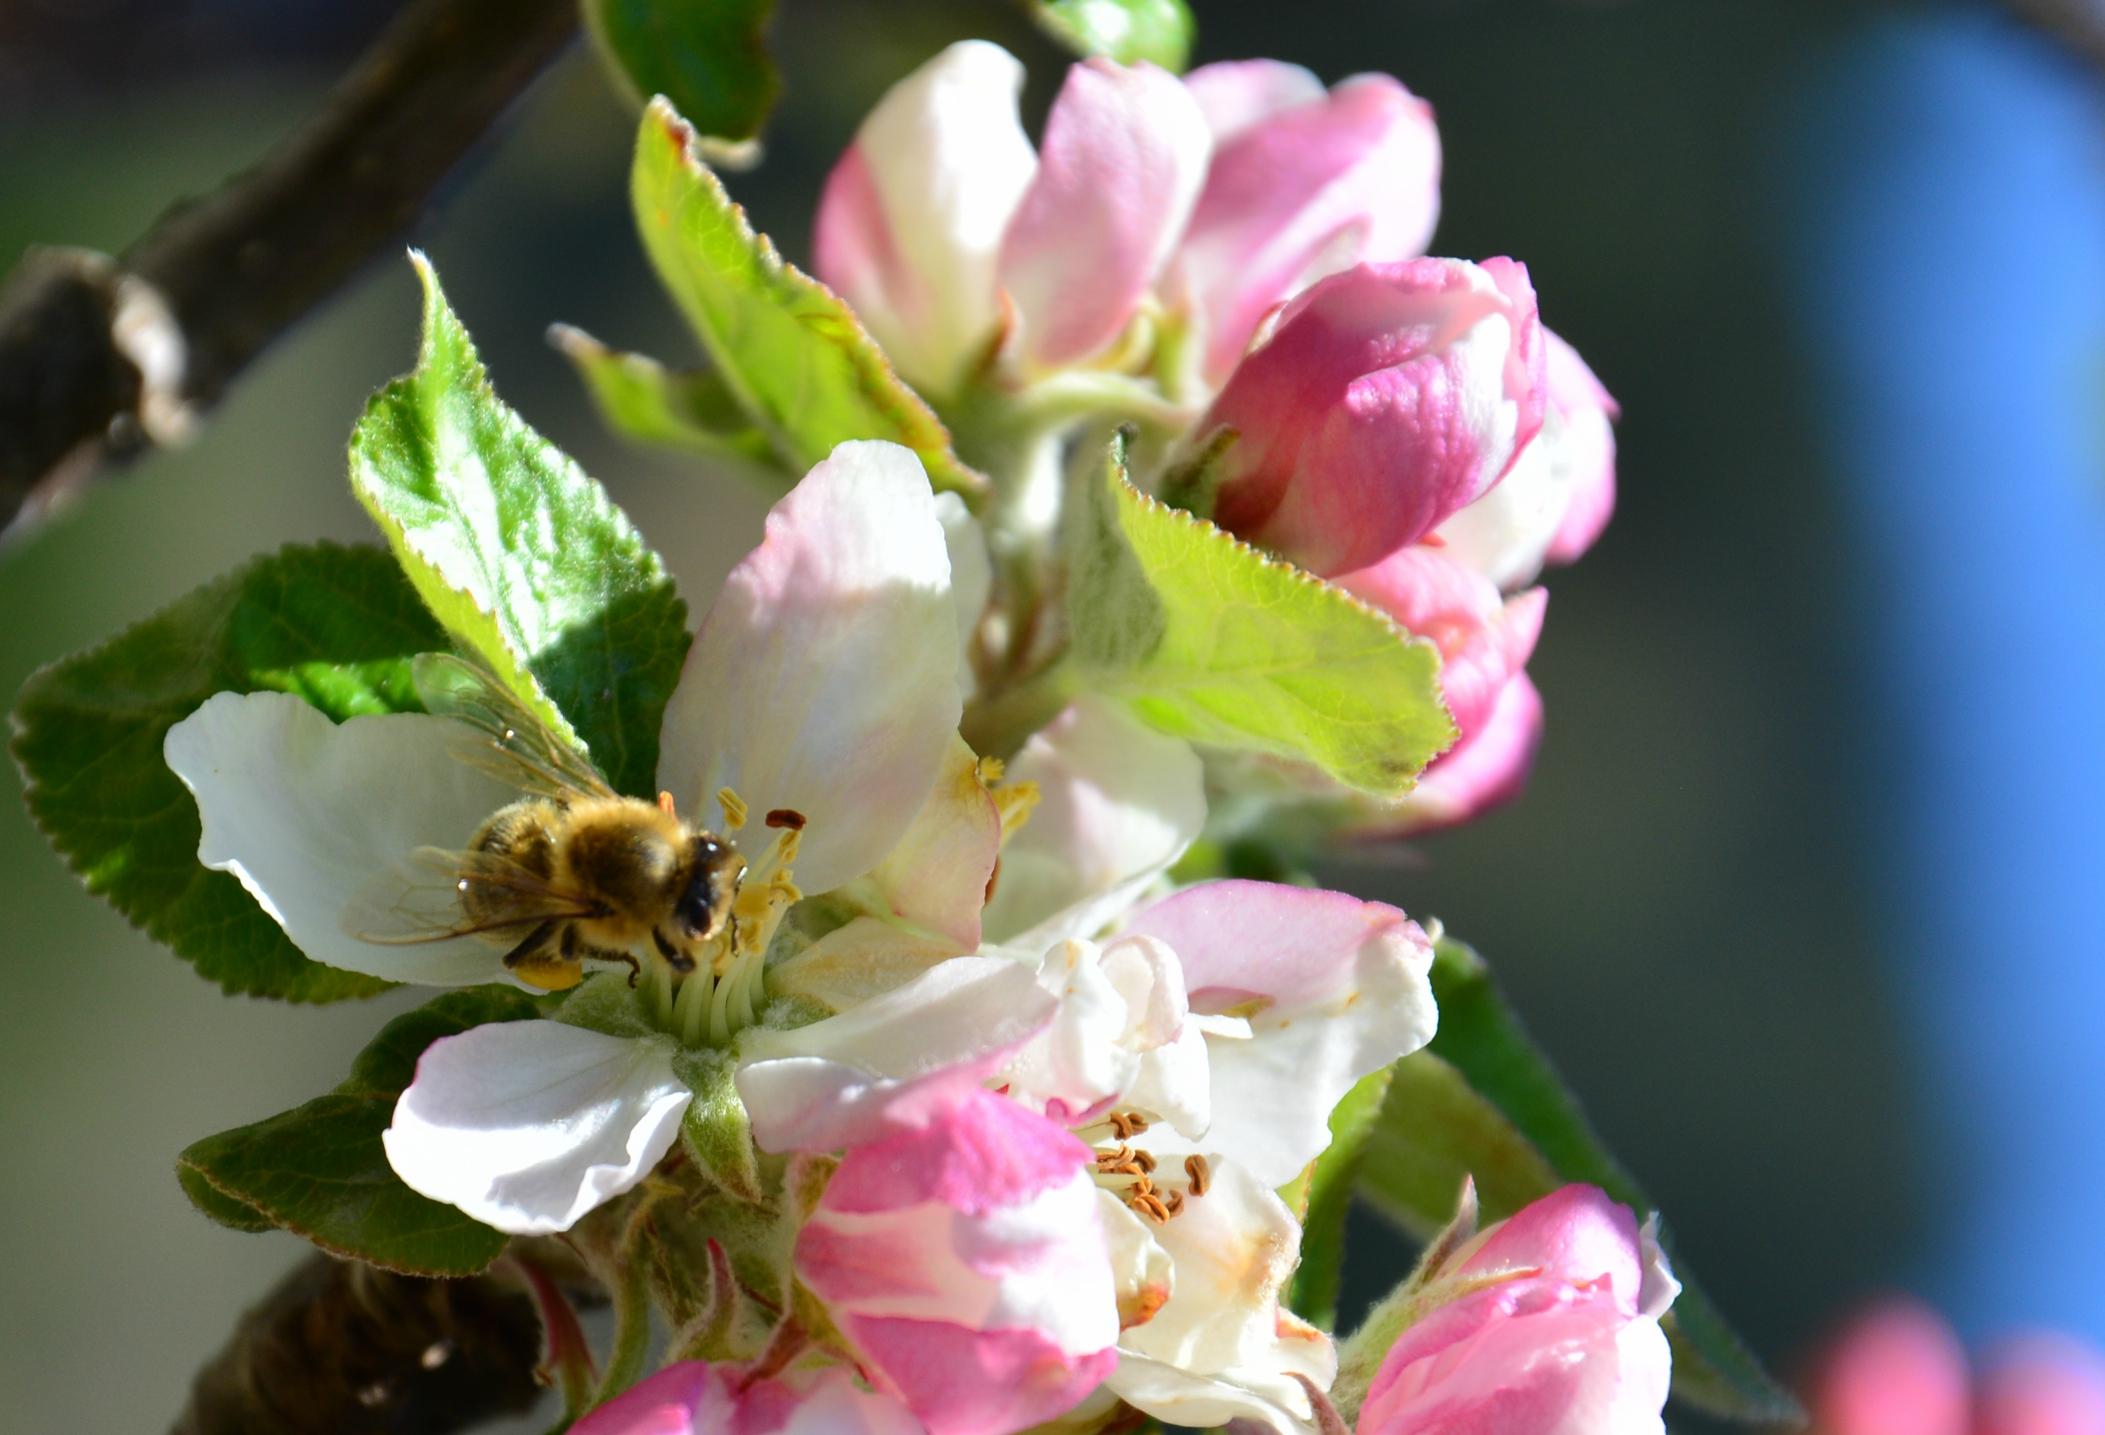 F0097_Biene_auf_Apfelblüte.jpg